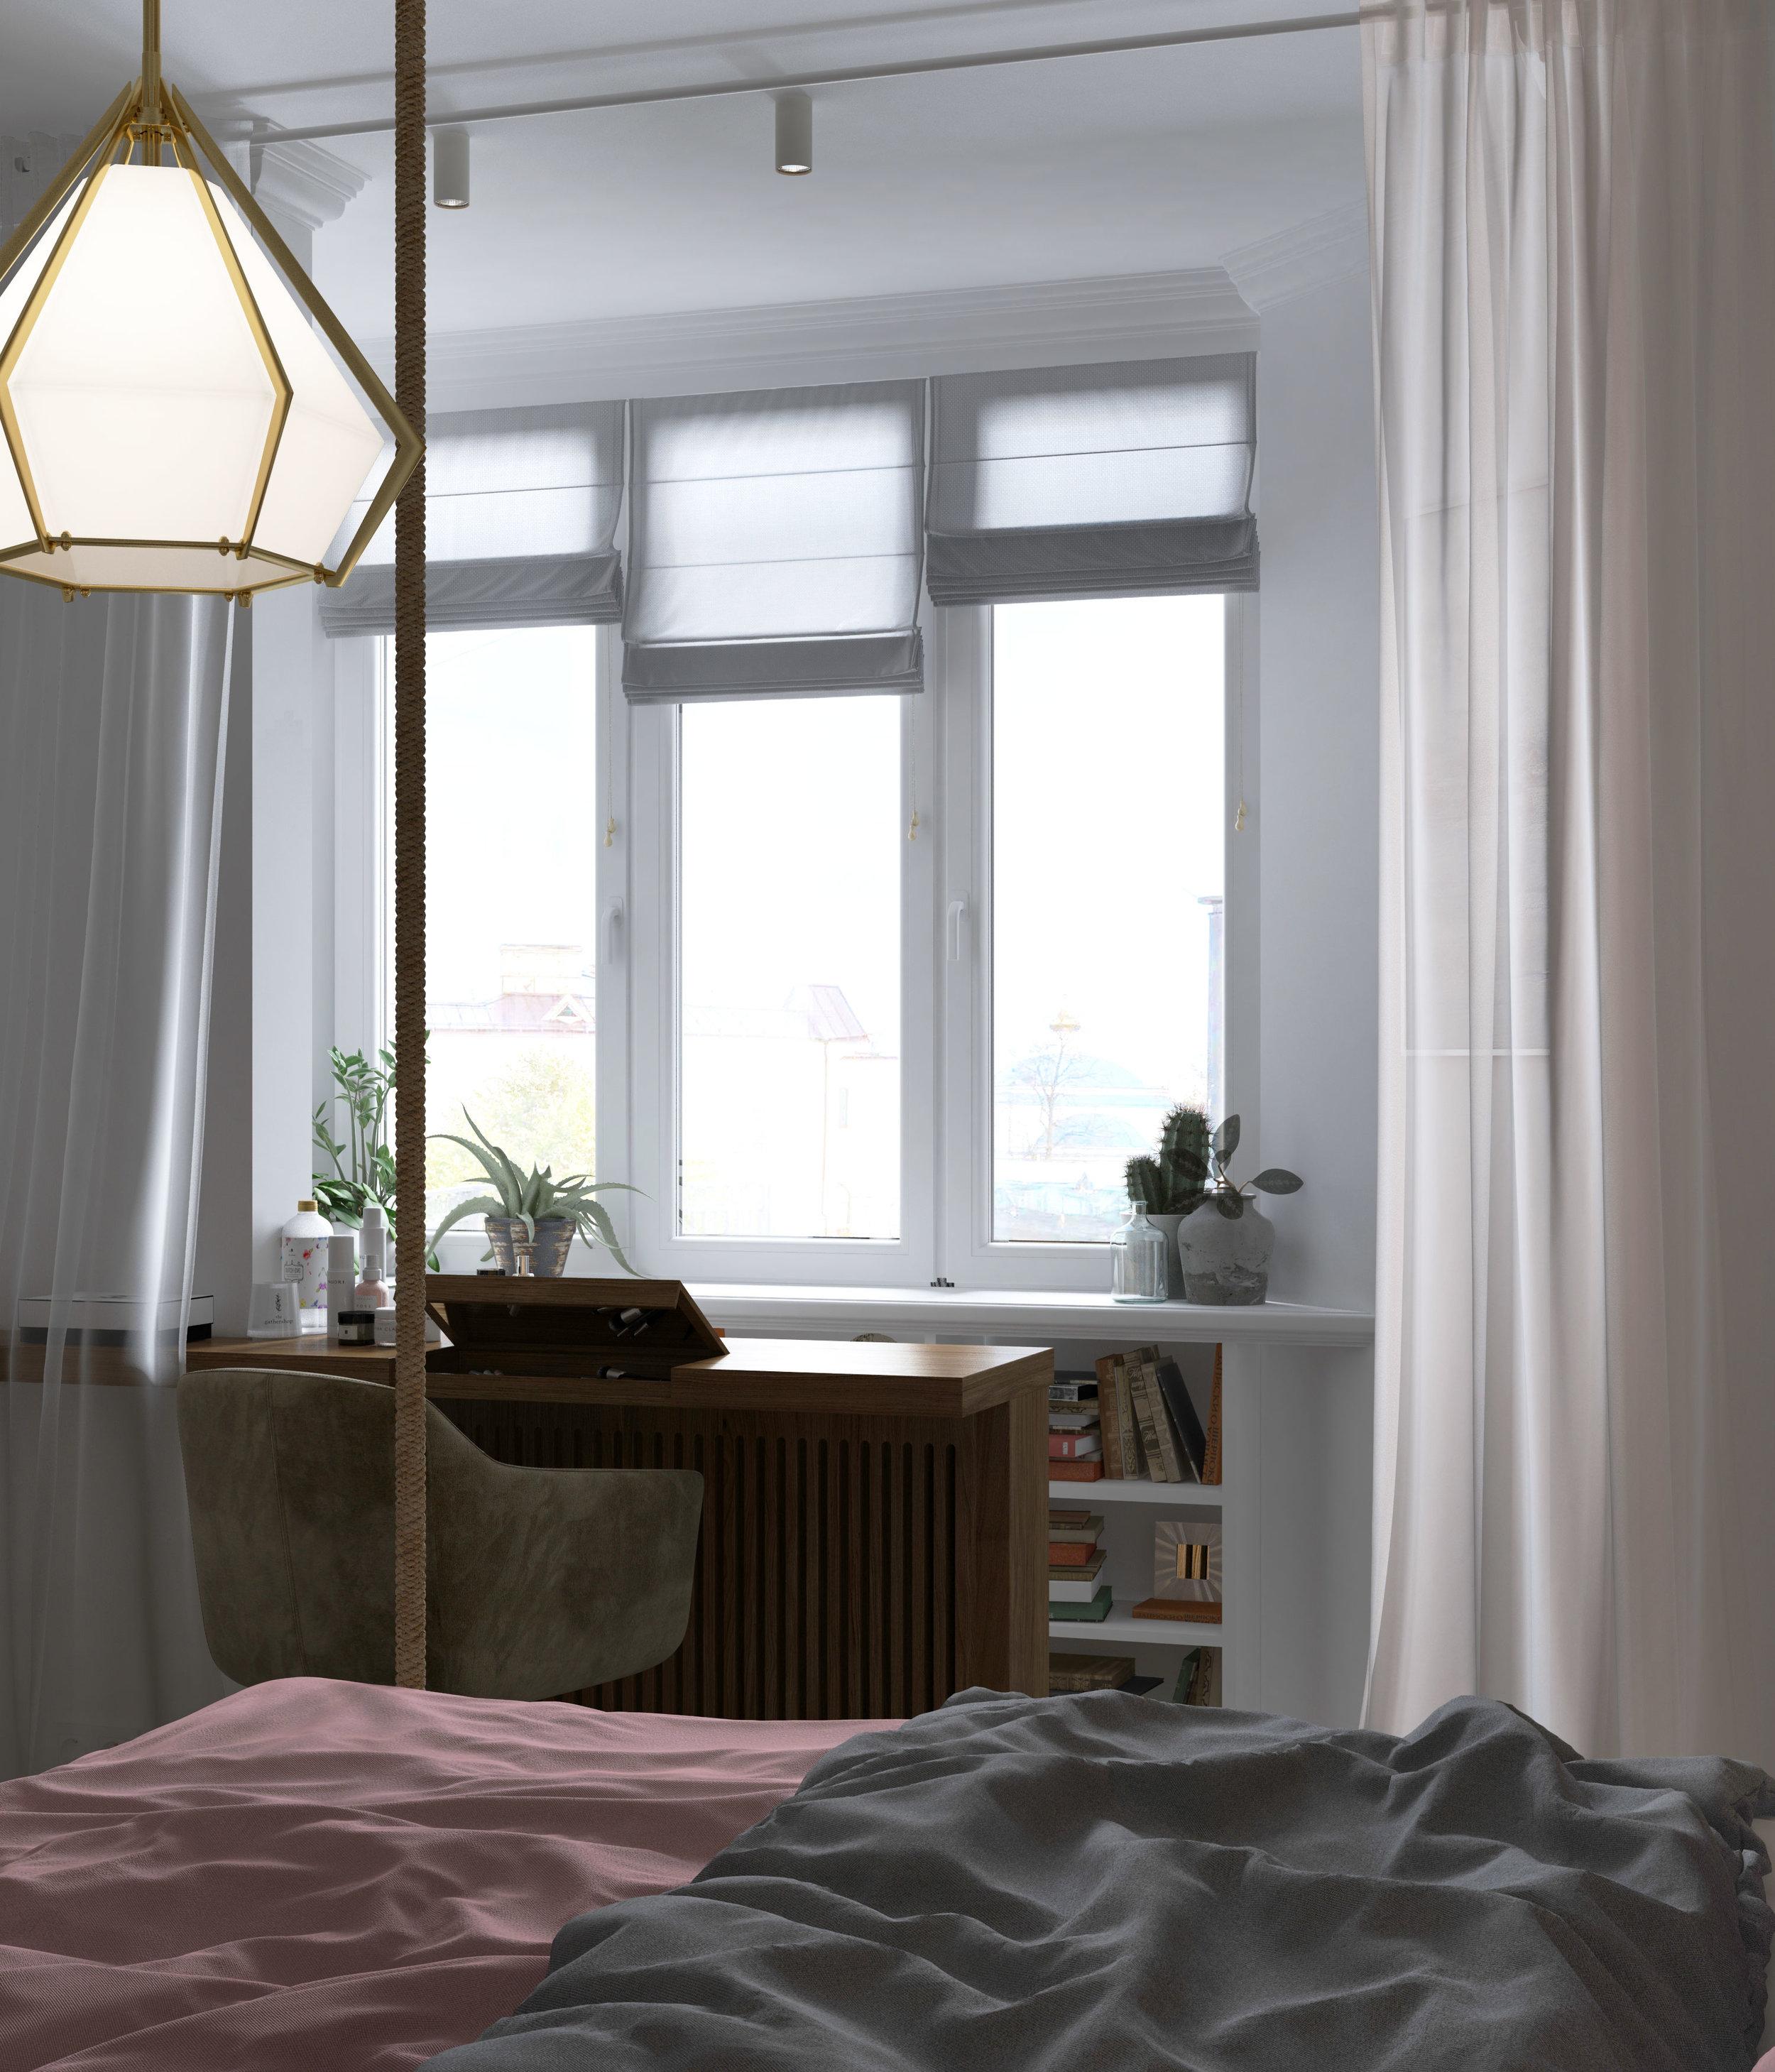 ArtHunter-Bedroom-3.jpg